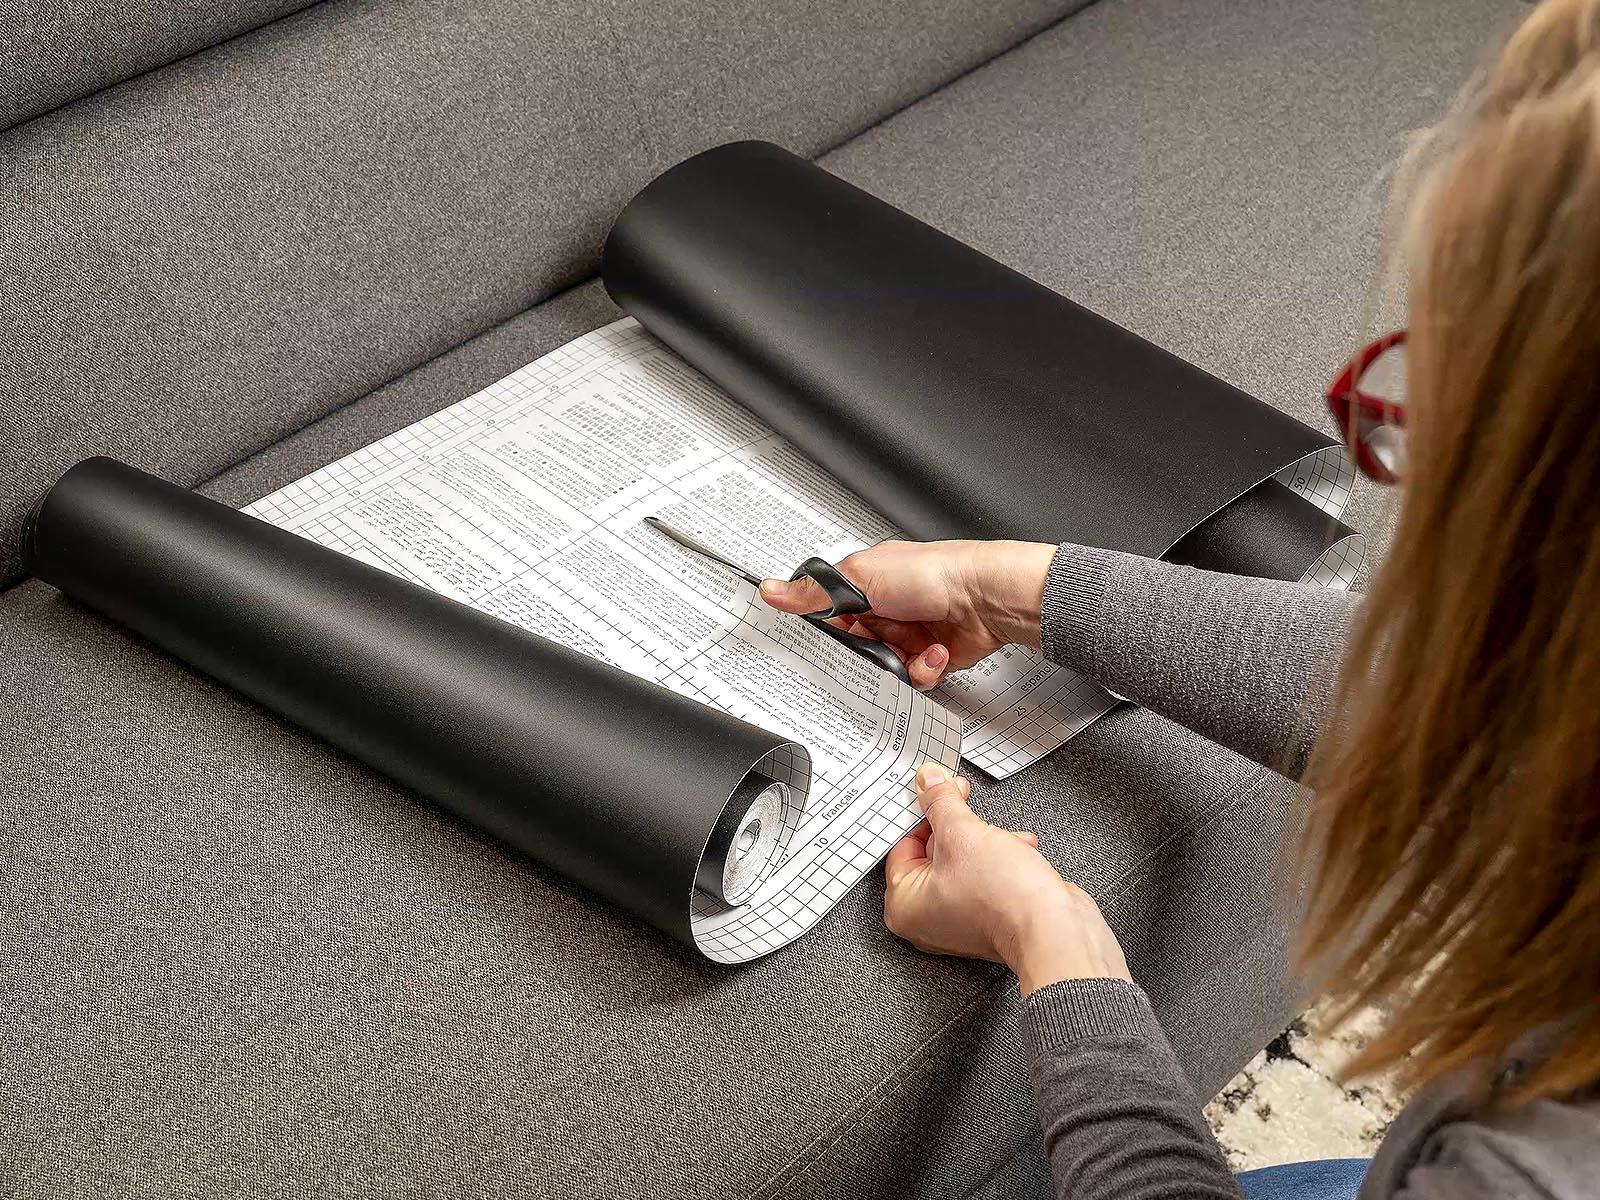 Méretre vágás ollóval: a táblafólia hátoldalán lévő beosztás segít a pontos vágásban.